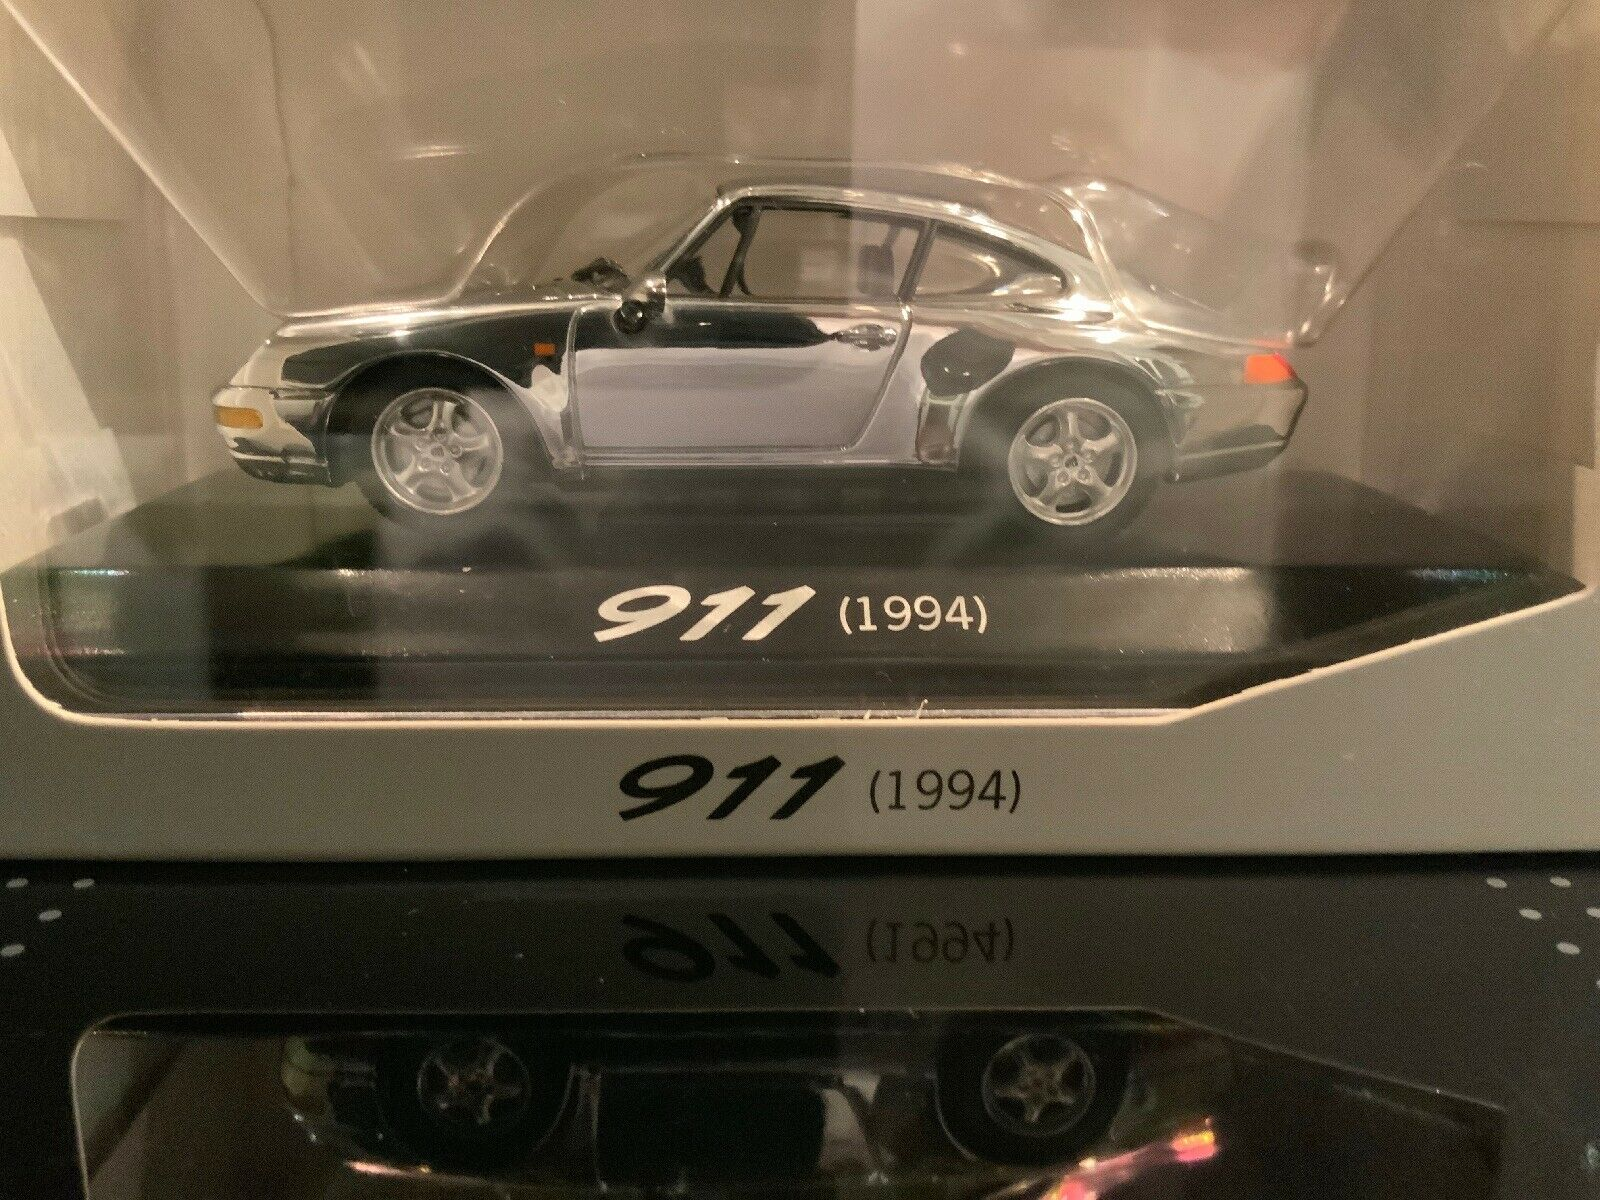 Porsche 911 (1994) Limited  Edition 40 years 911 Minichamps 1 43 nouveau OVP  profitez de 50% de réduction